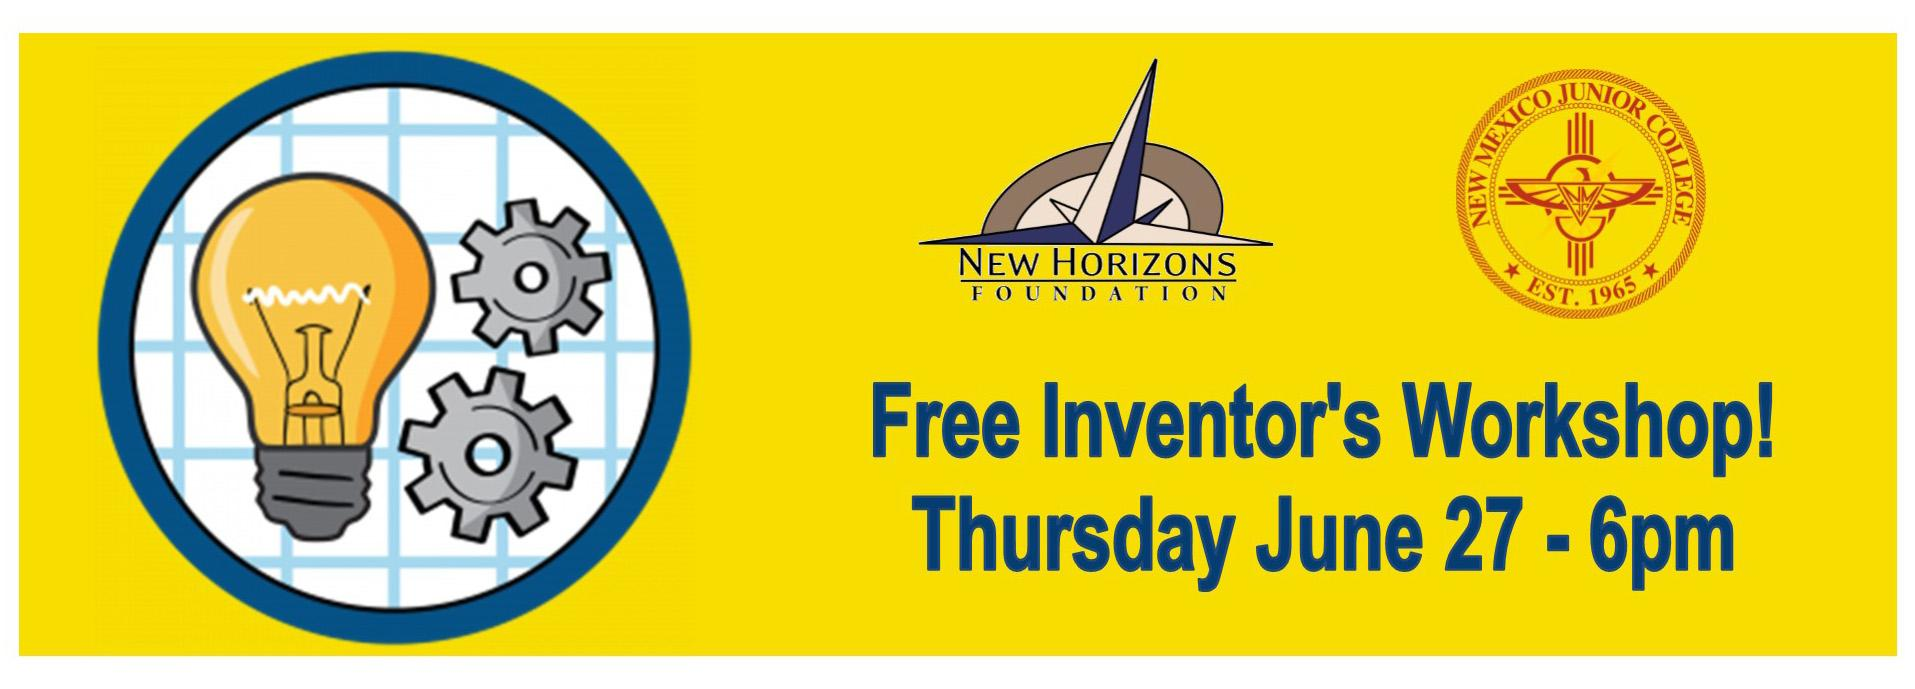 Inventor's Workshop Thursday Jan 27